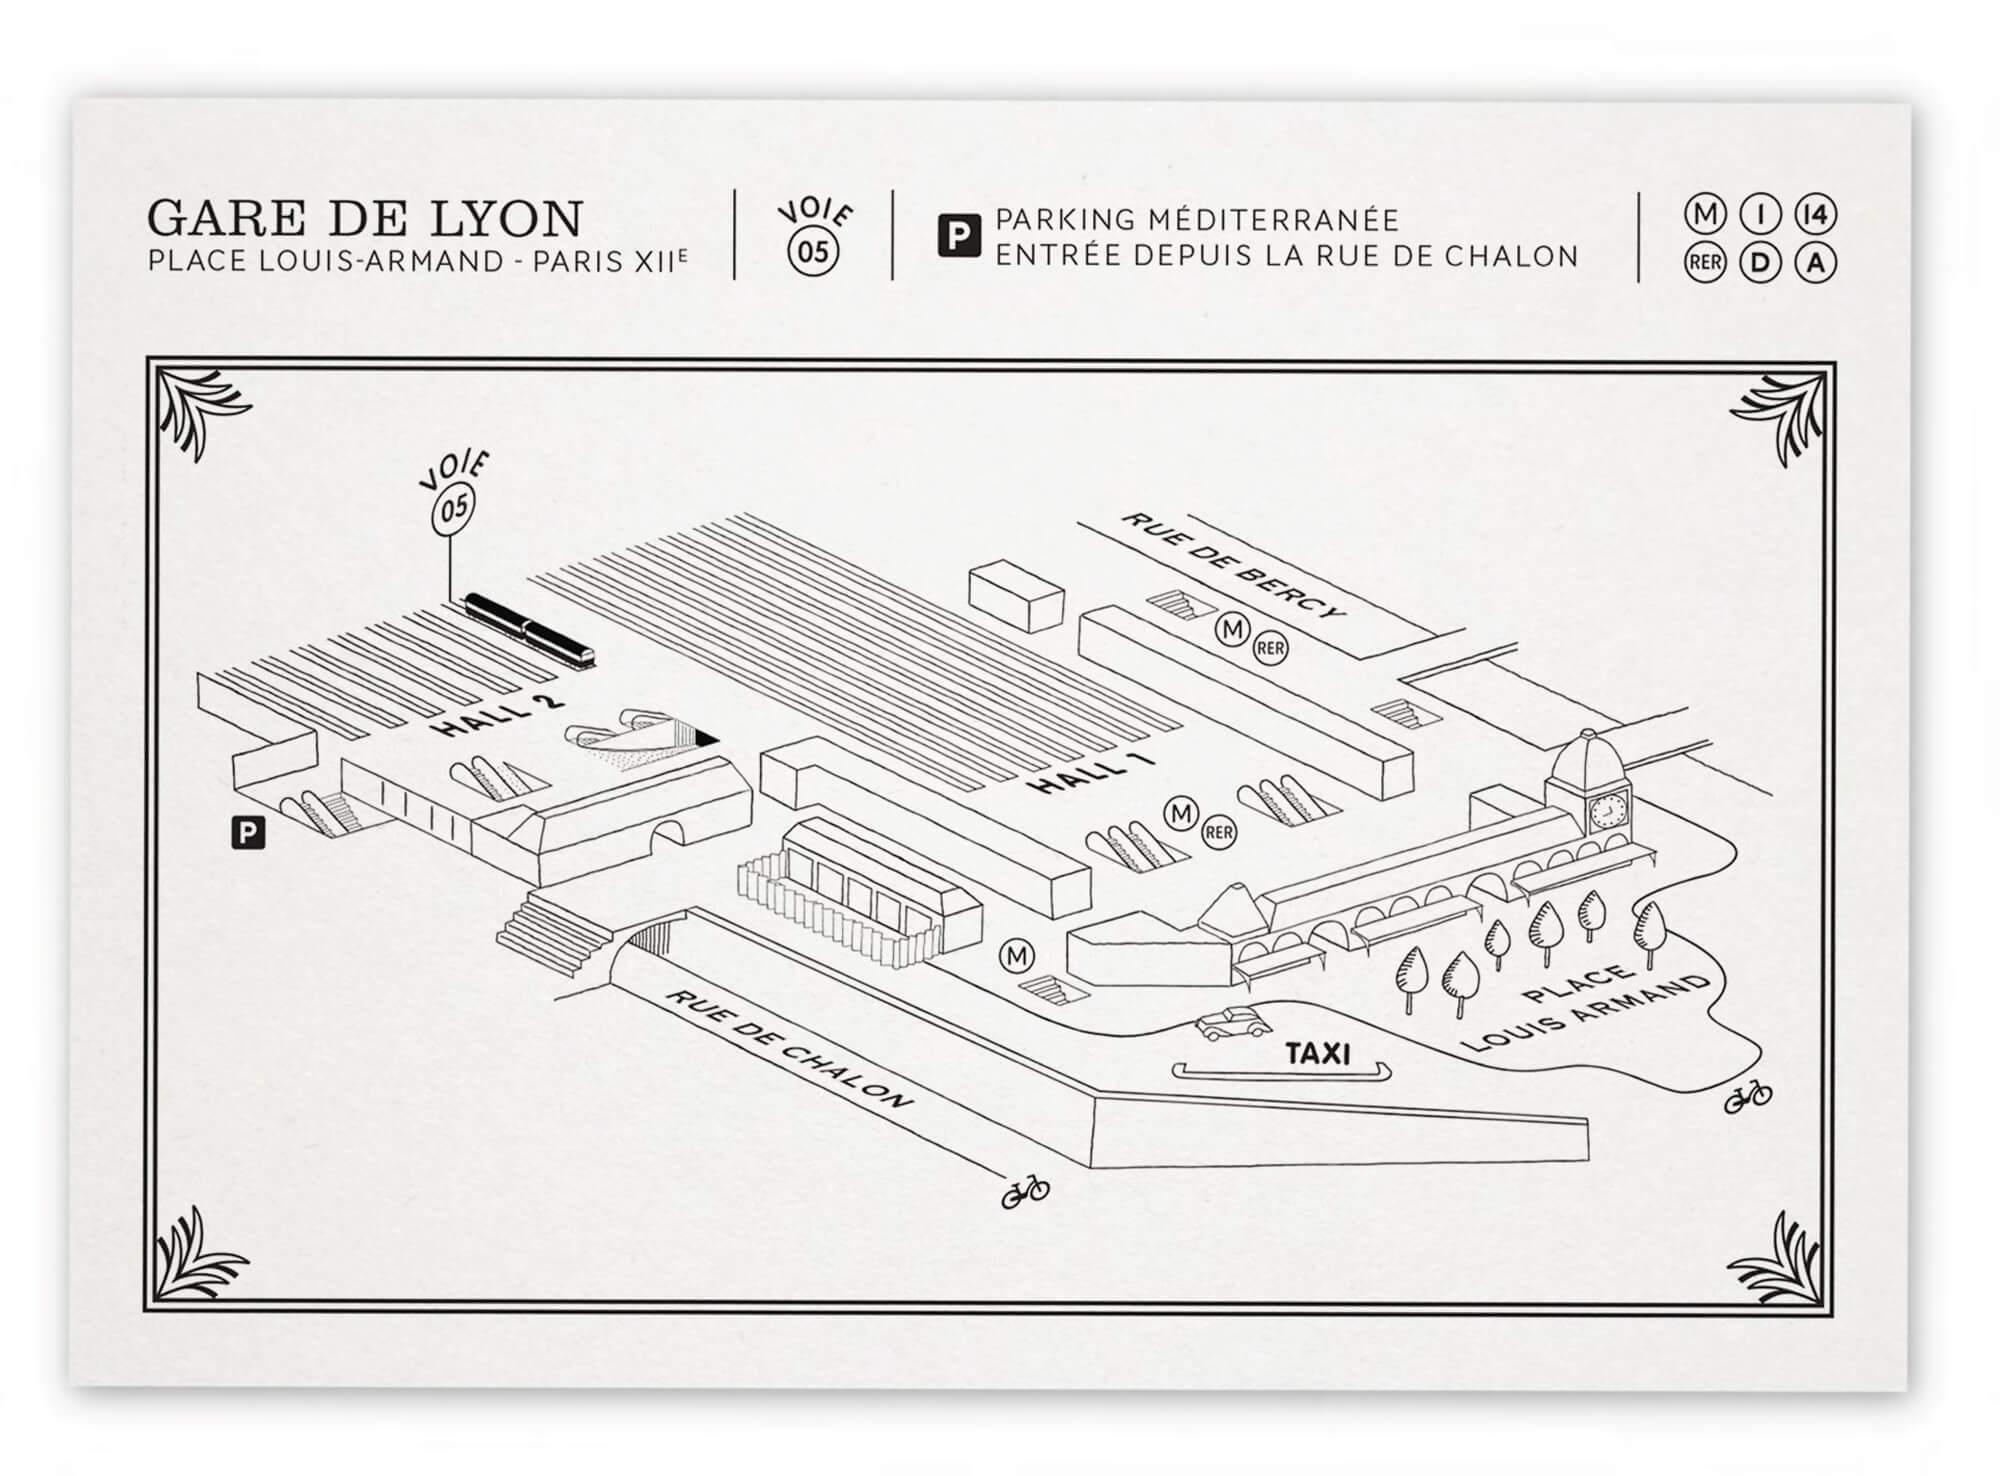 plan de la gare de lyon dessiné en axonométrie par Ich&Kar pour les invitations événementielles de l'orient Express